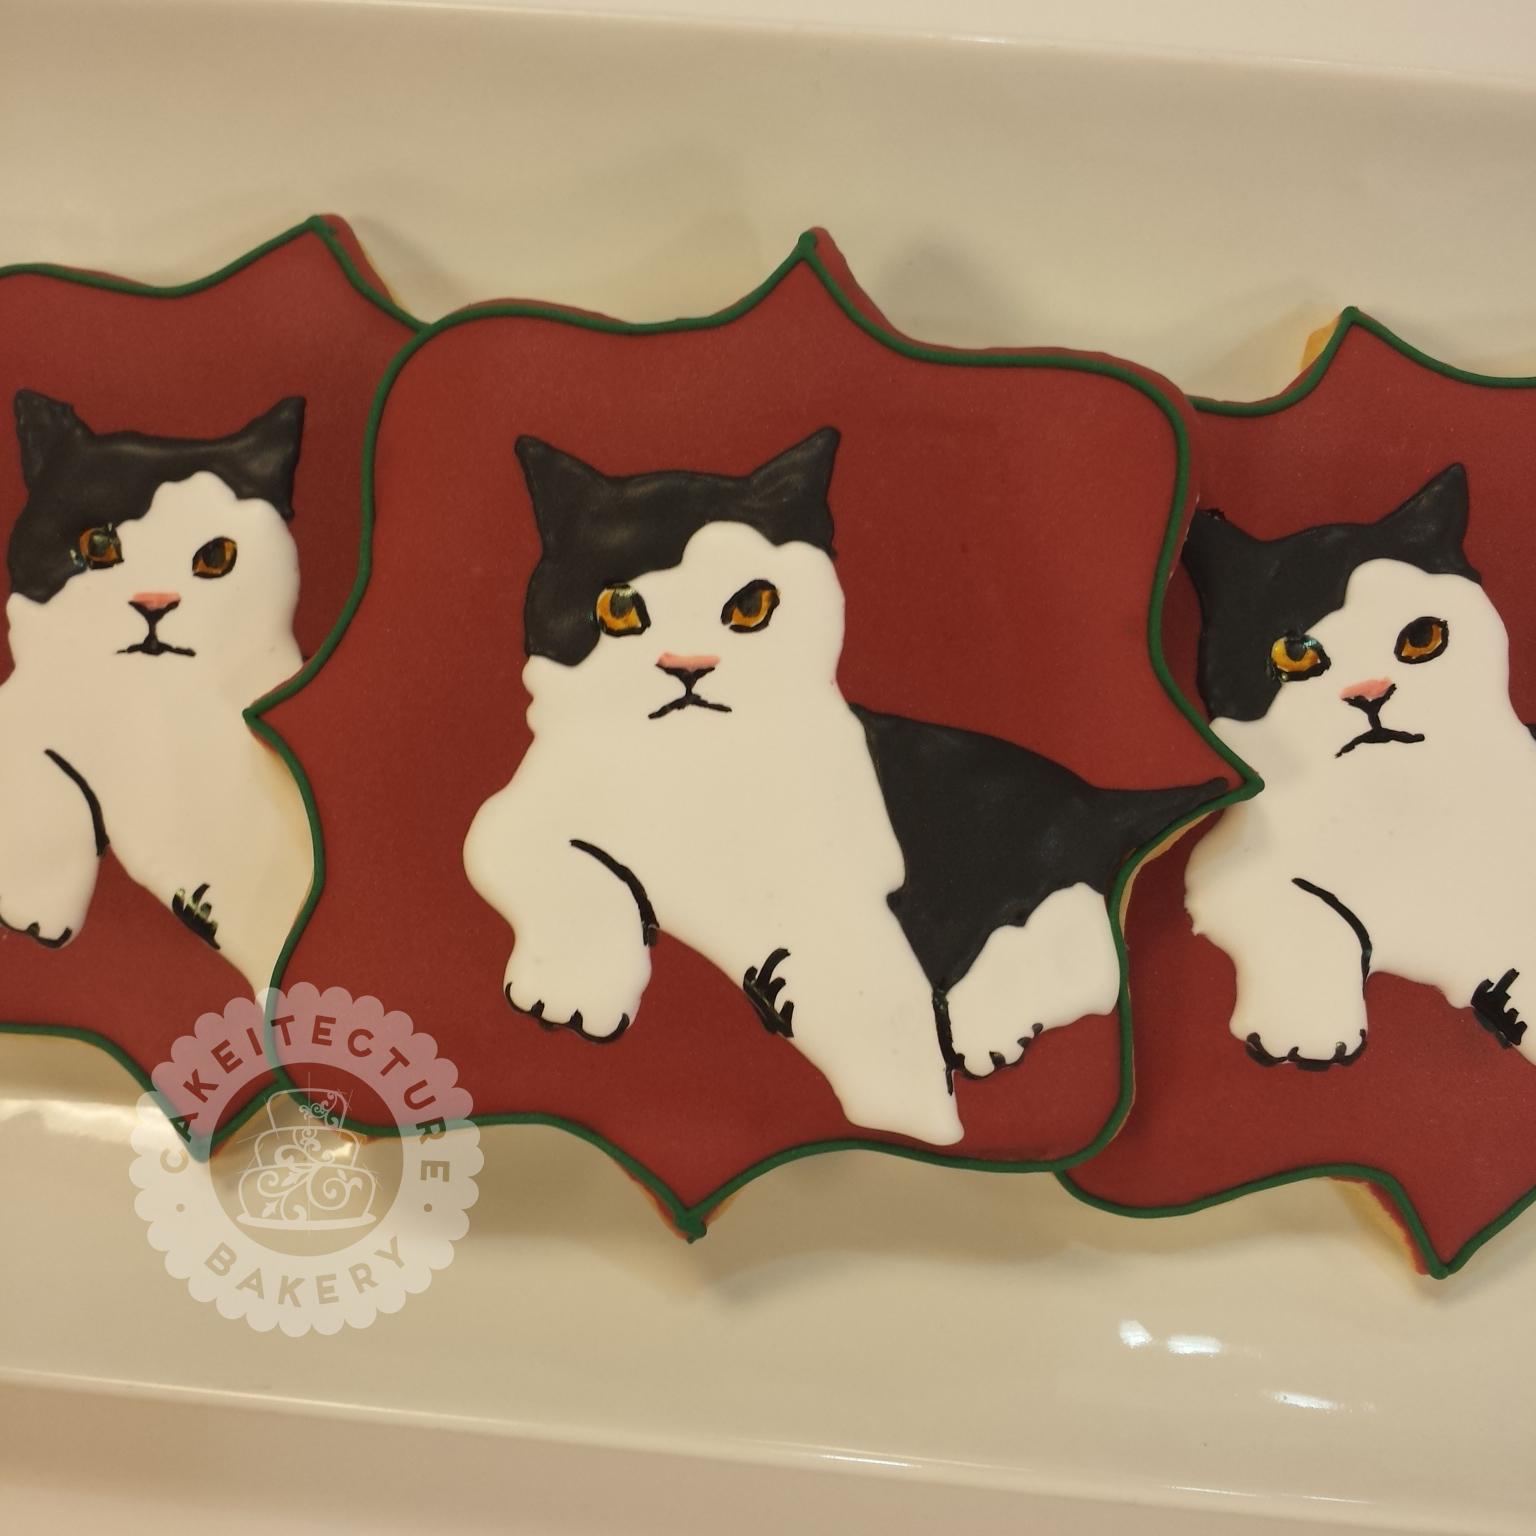 Cakeitecture Bakery cat cookies.jpg